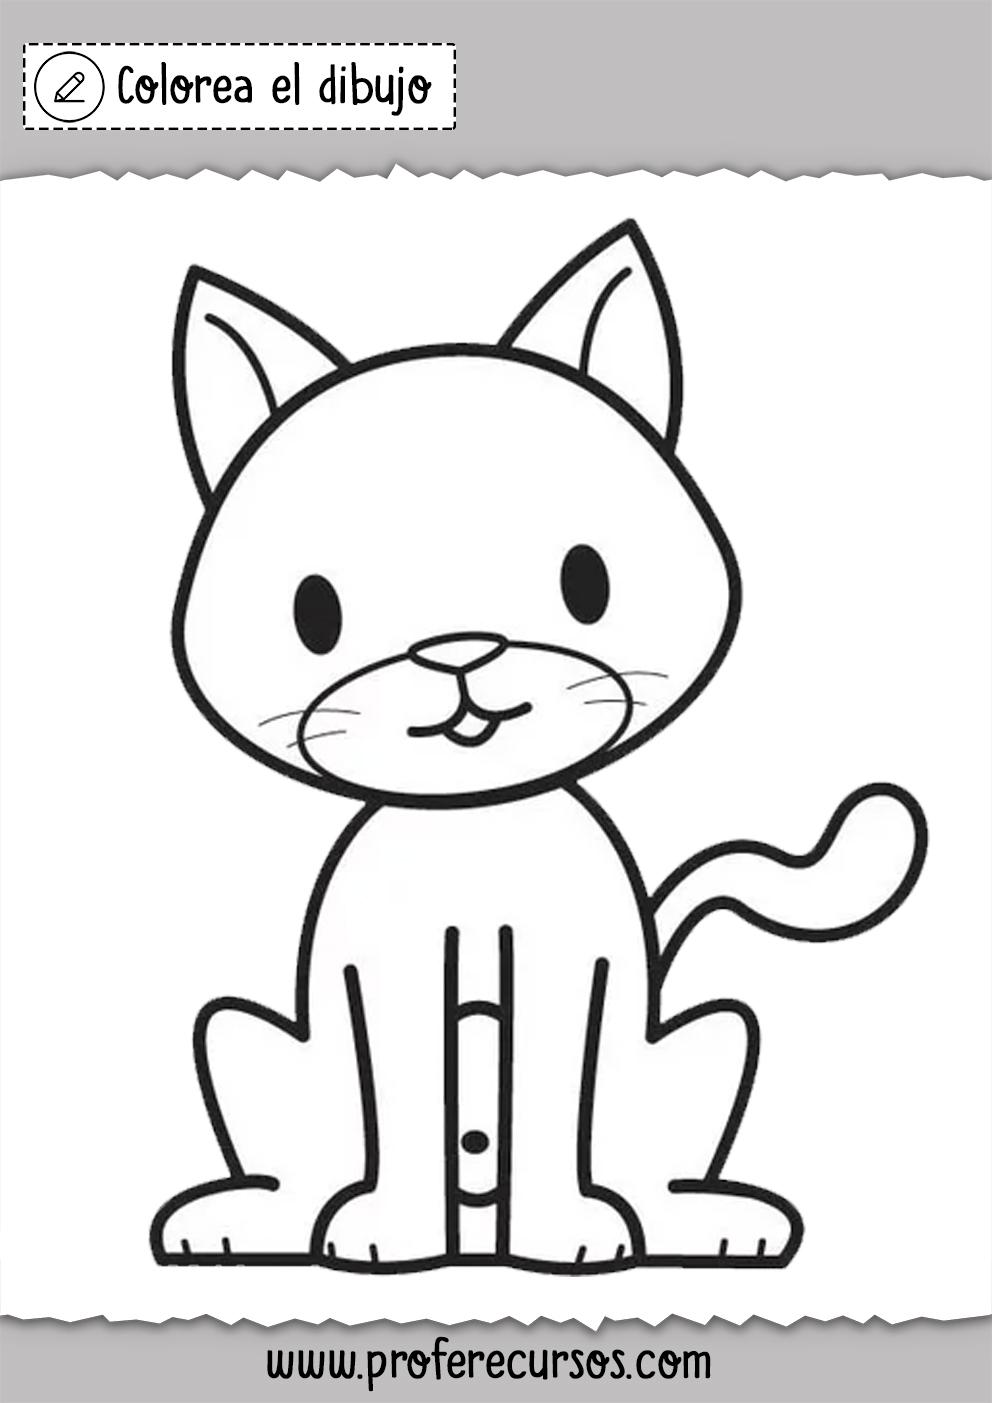 Dibujos De Gatos Para Colorear Gatito Para Colorear Dibujos De Gatos Paginas Para Colorear De Animales